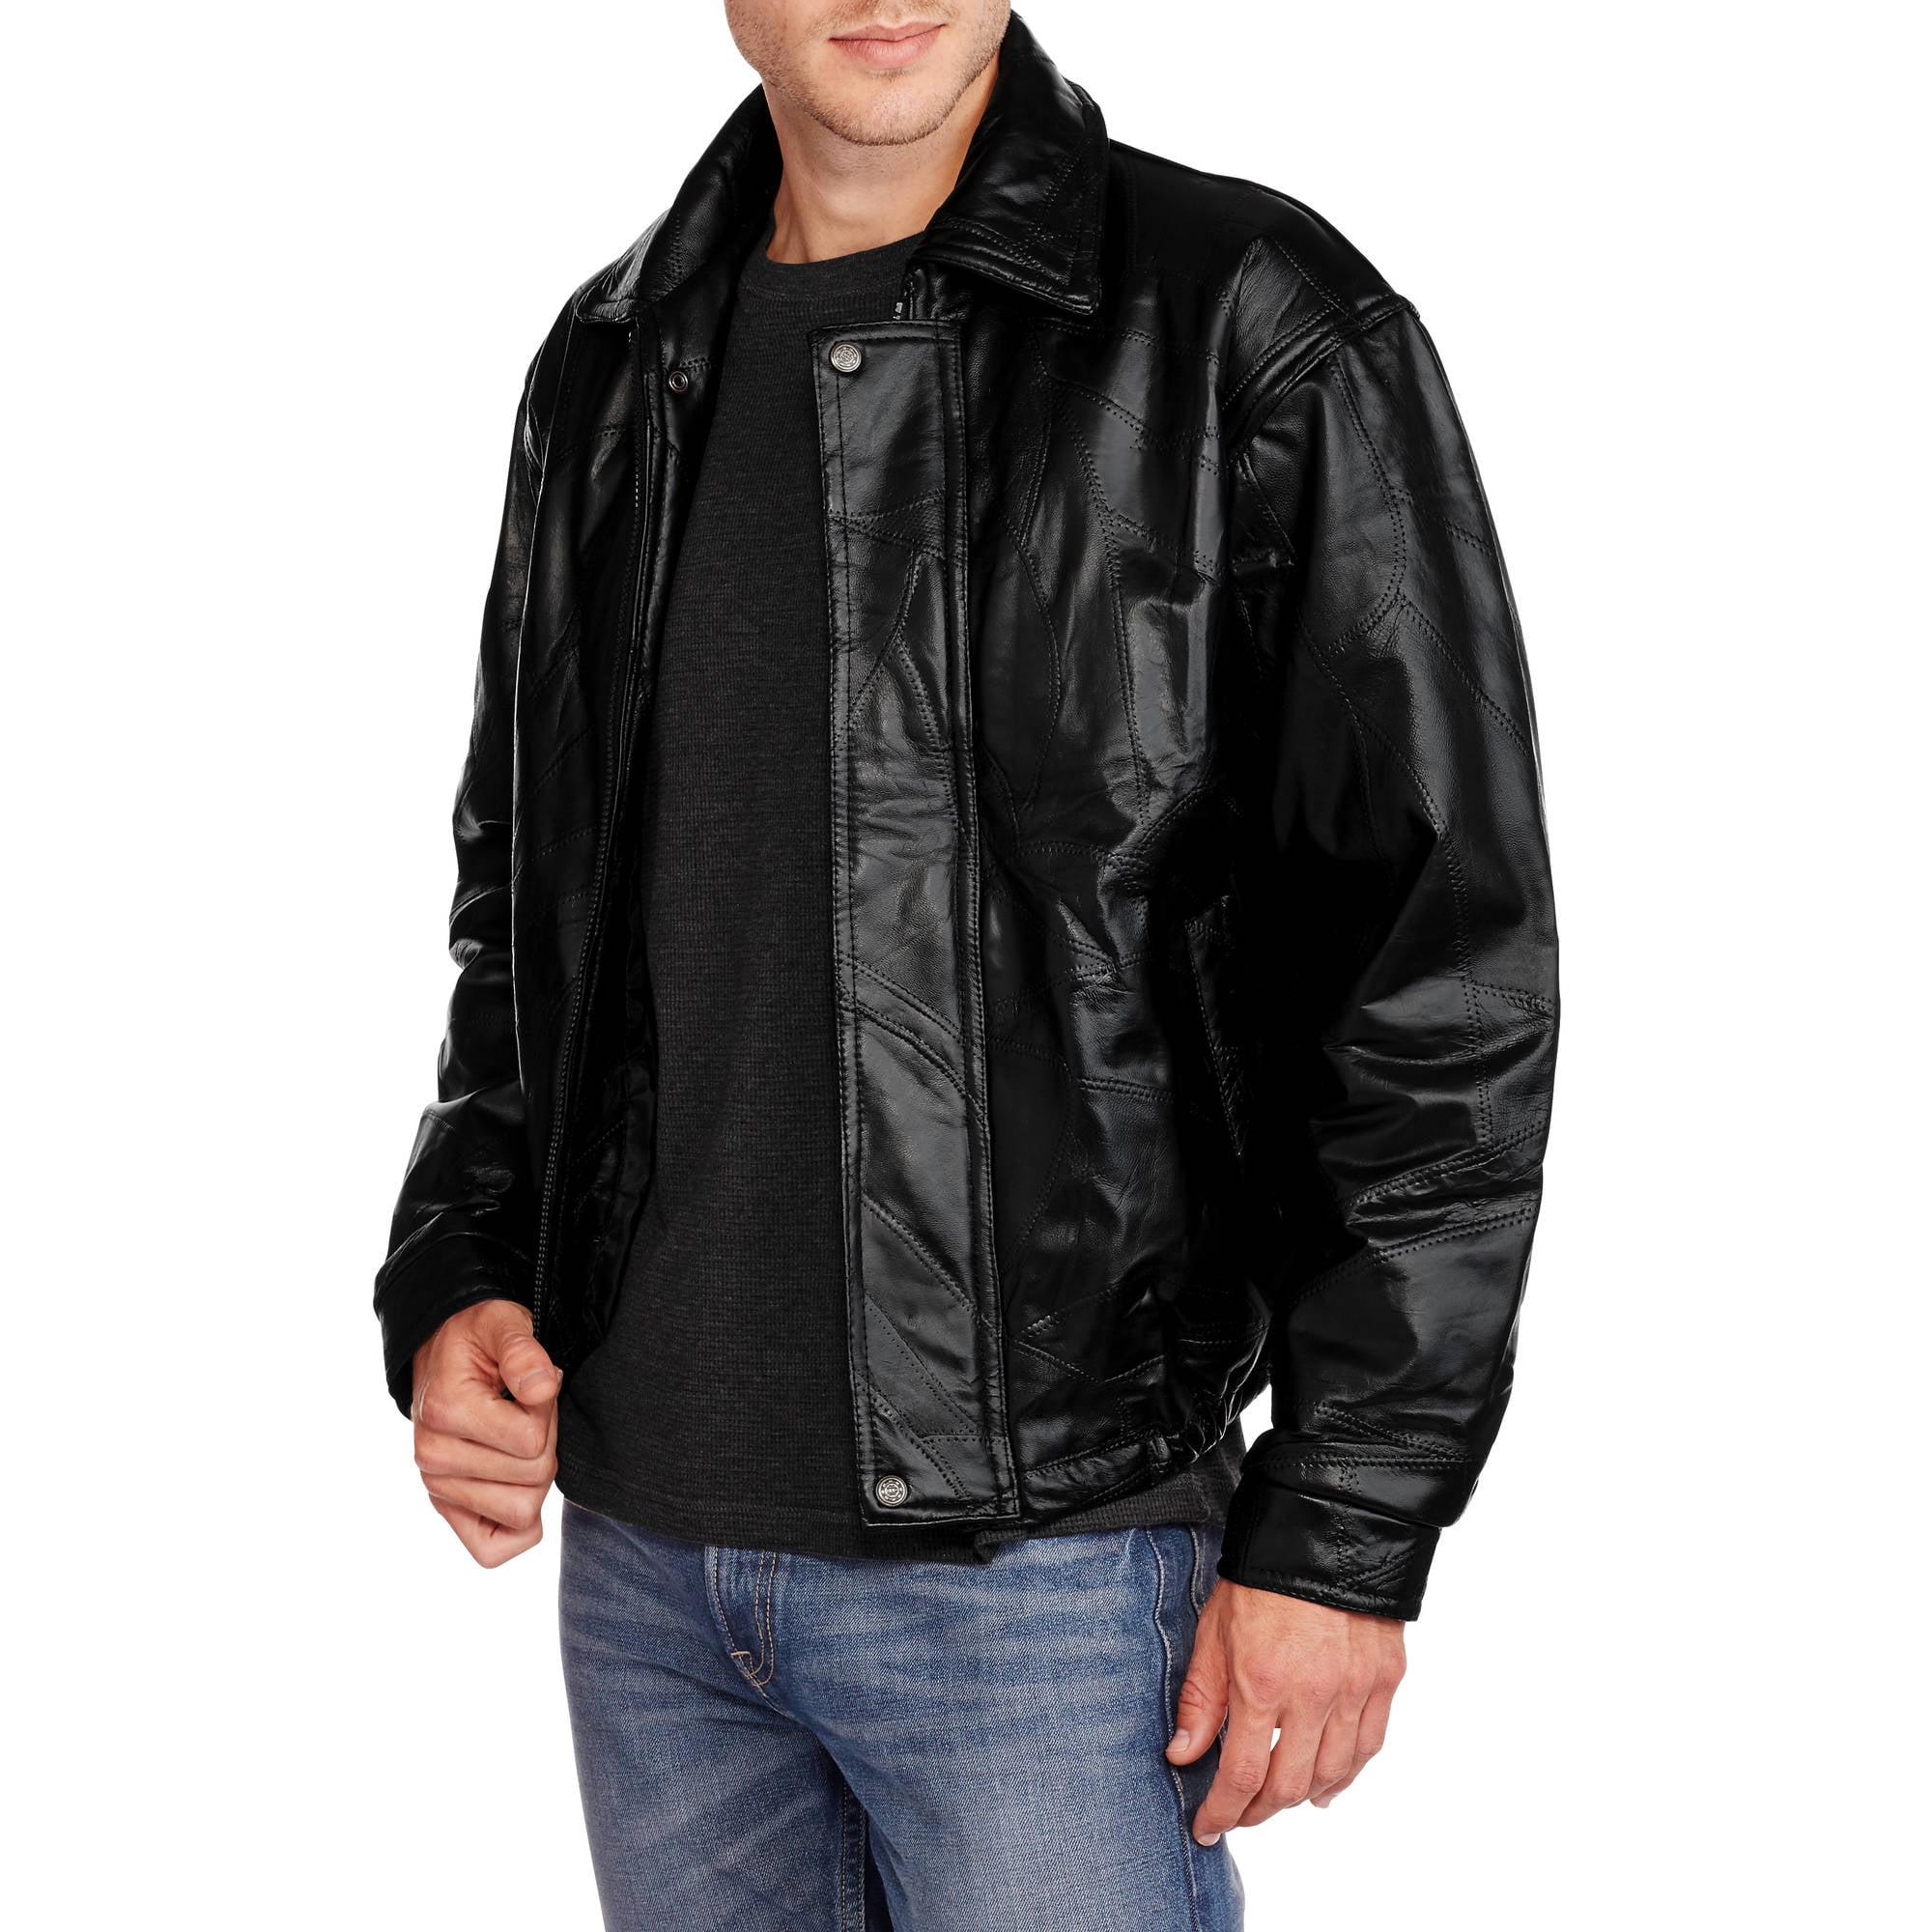 Big Men's Patchwork Genuine Leather Bomber Jacket, 2XL